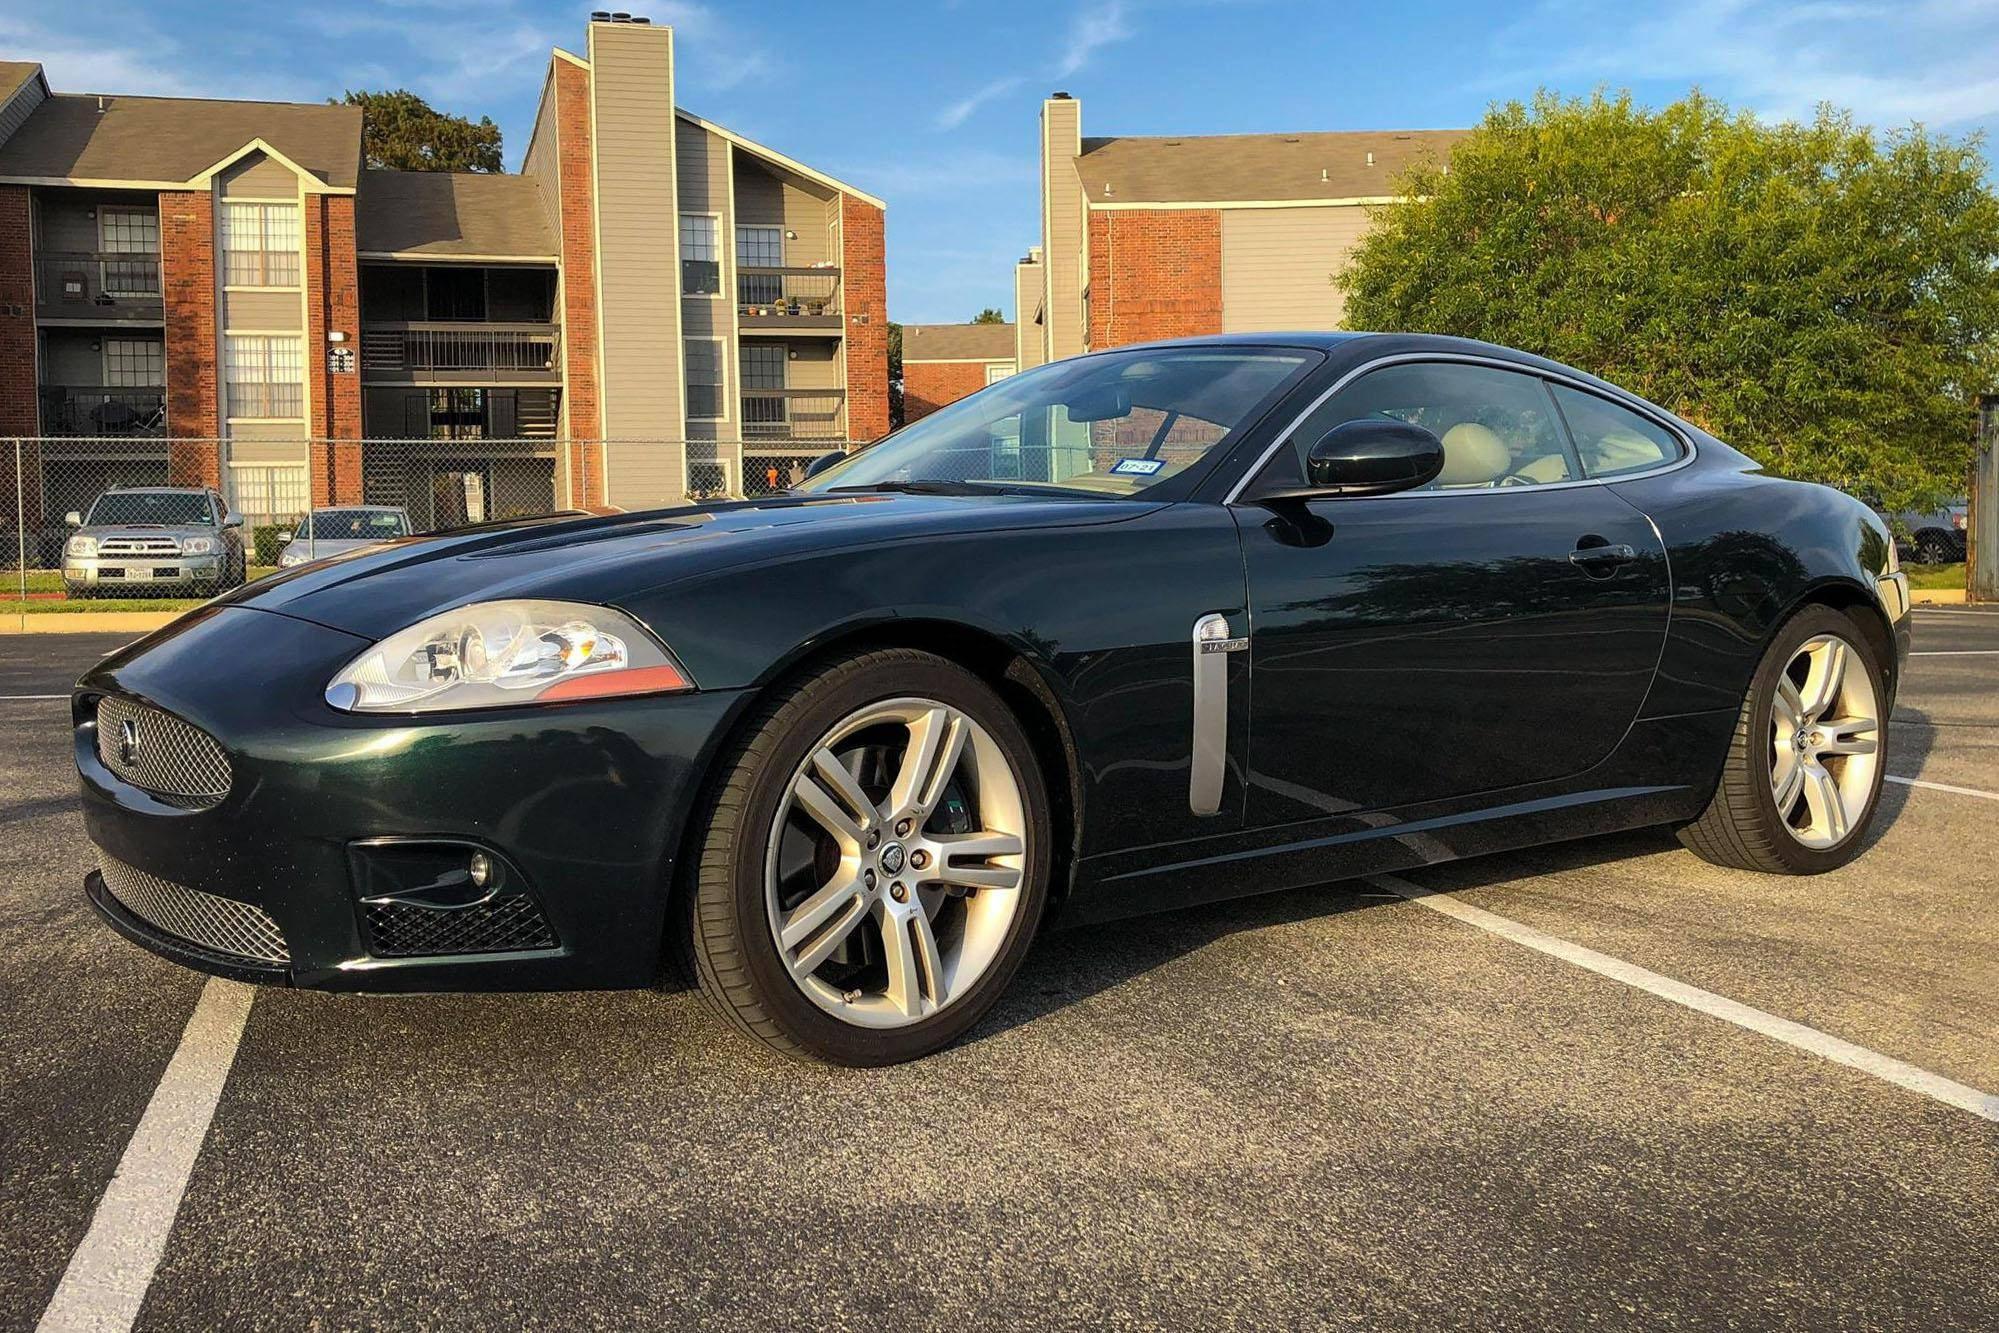 2008 Jaguar Xkr Coupe Auction Cars Bids